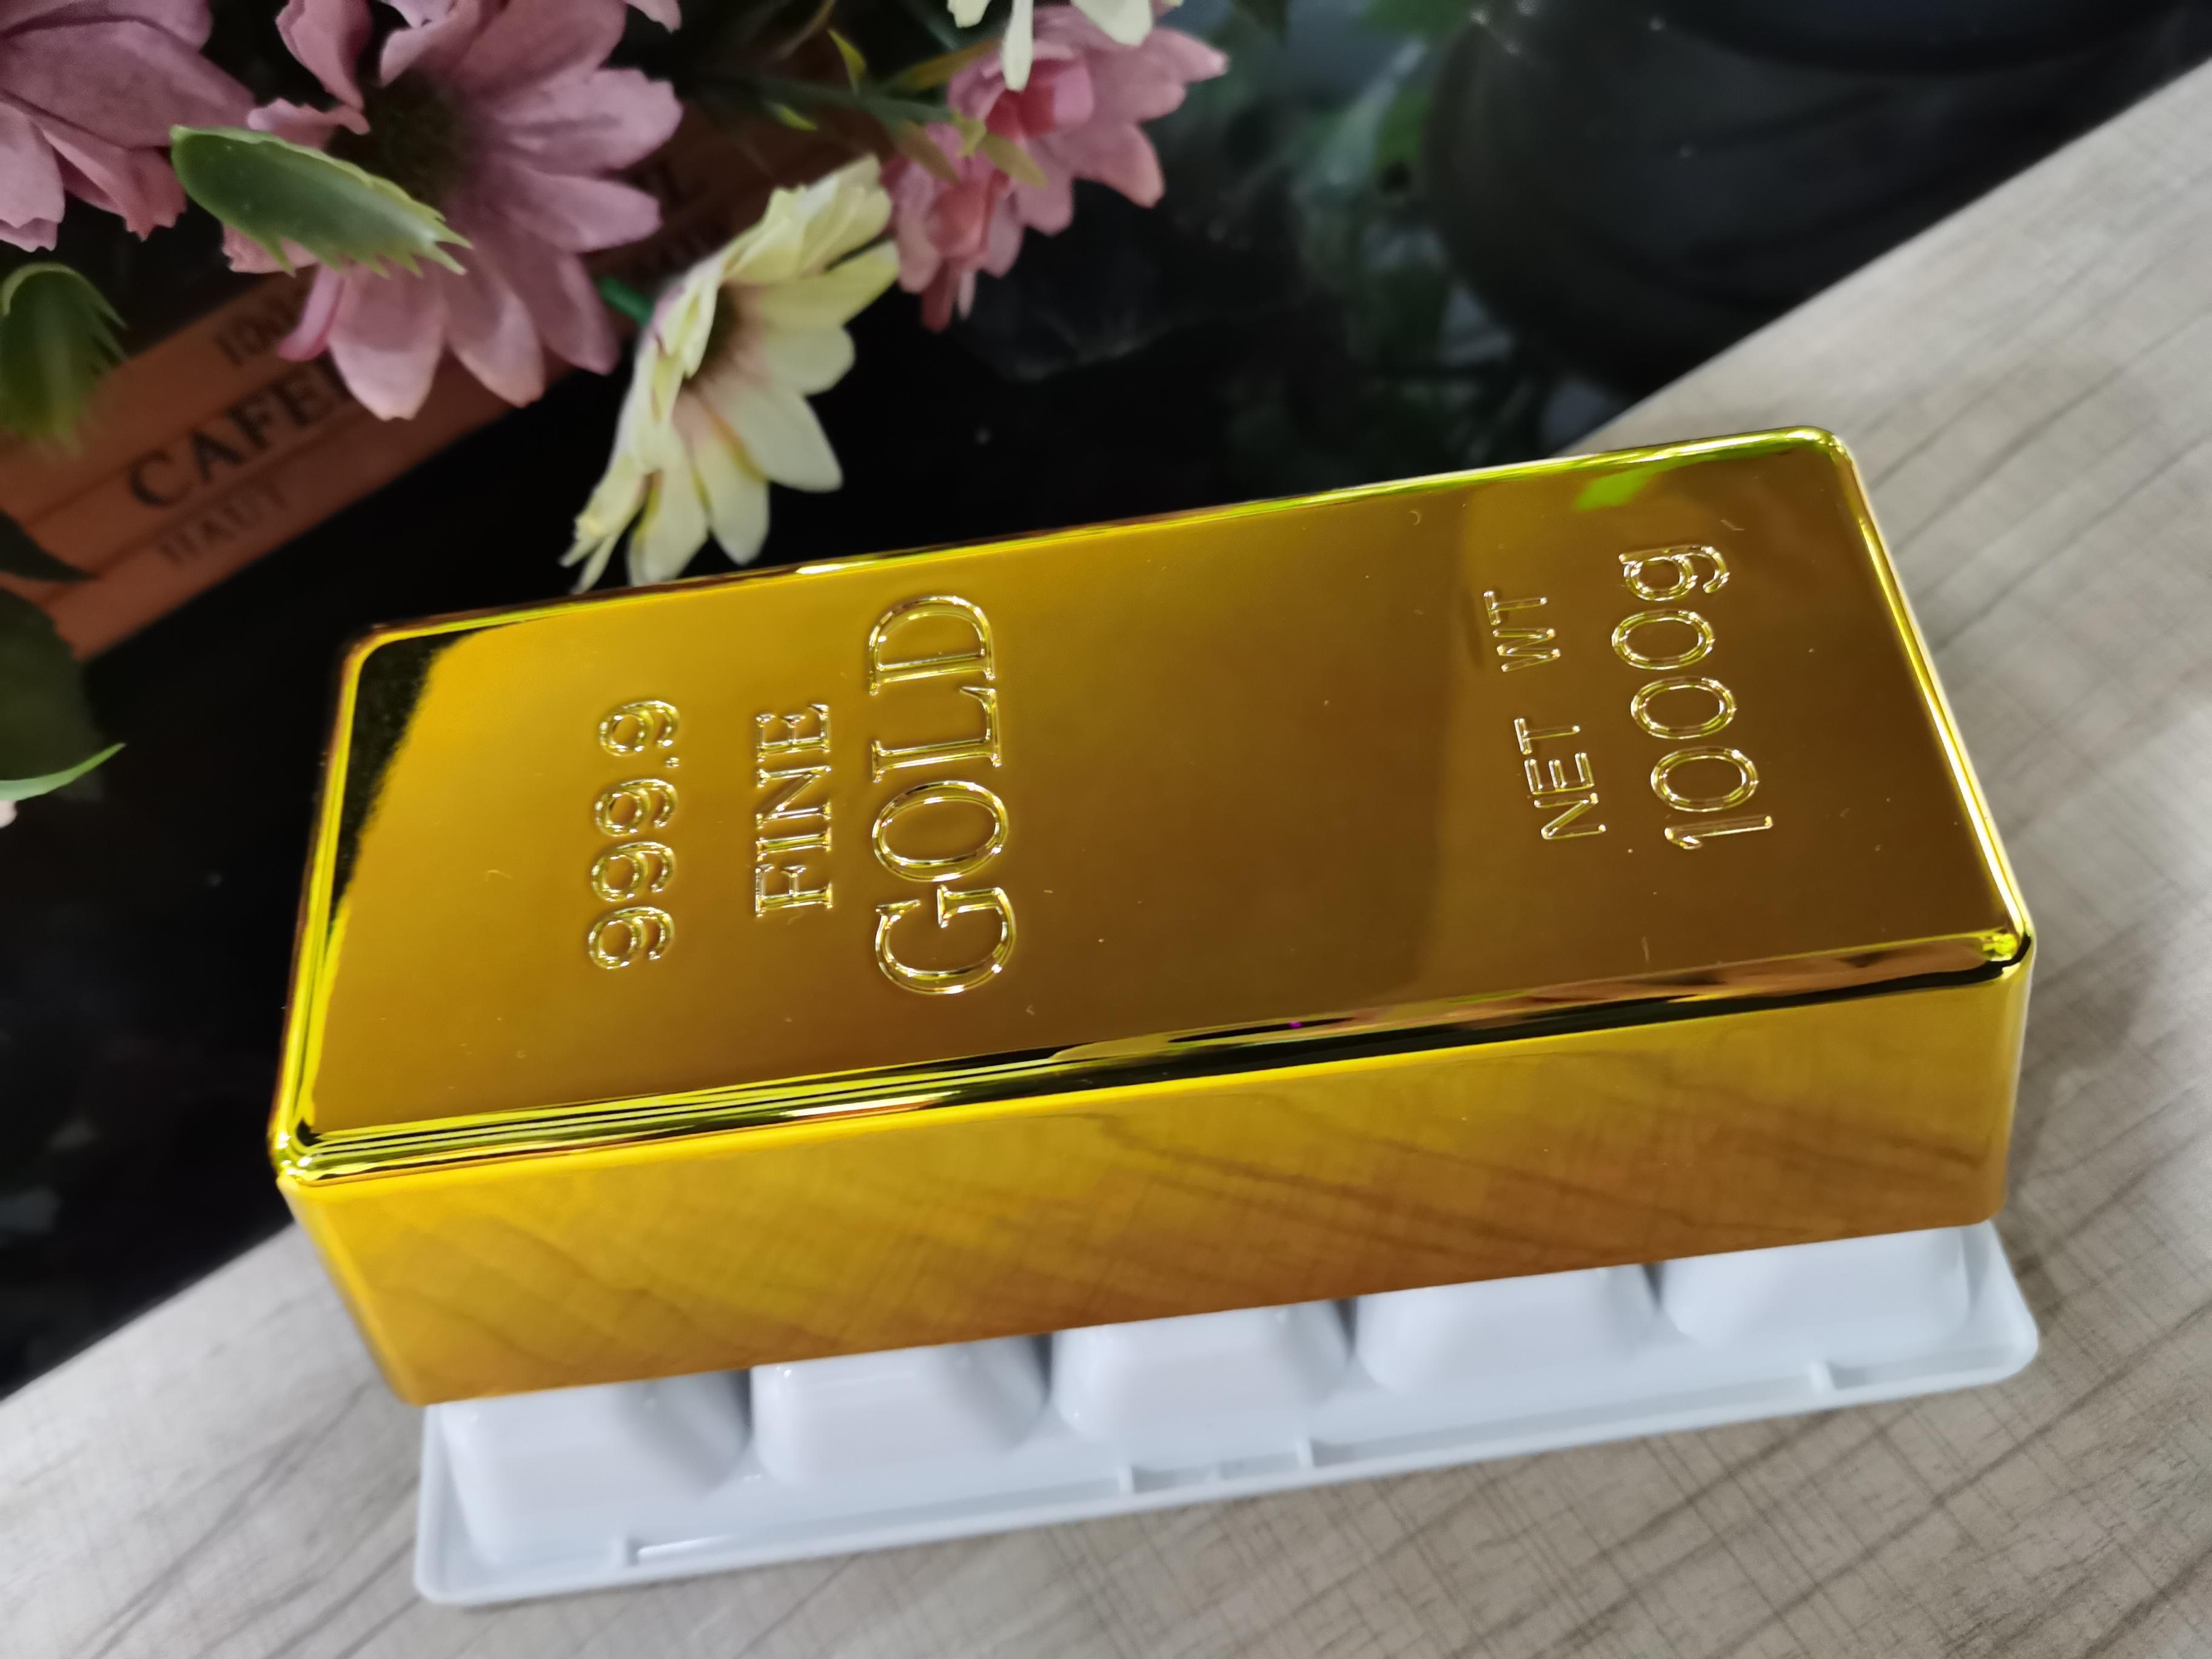 现货黄金的投资心得是什么?